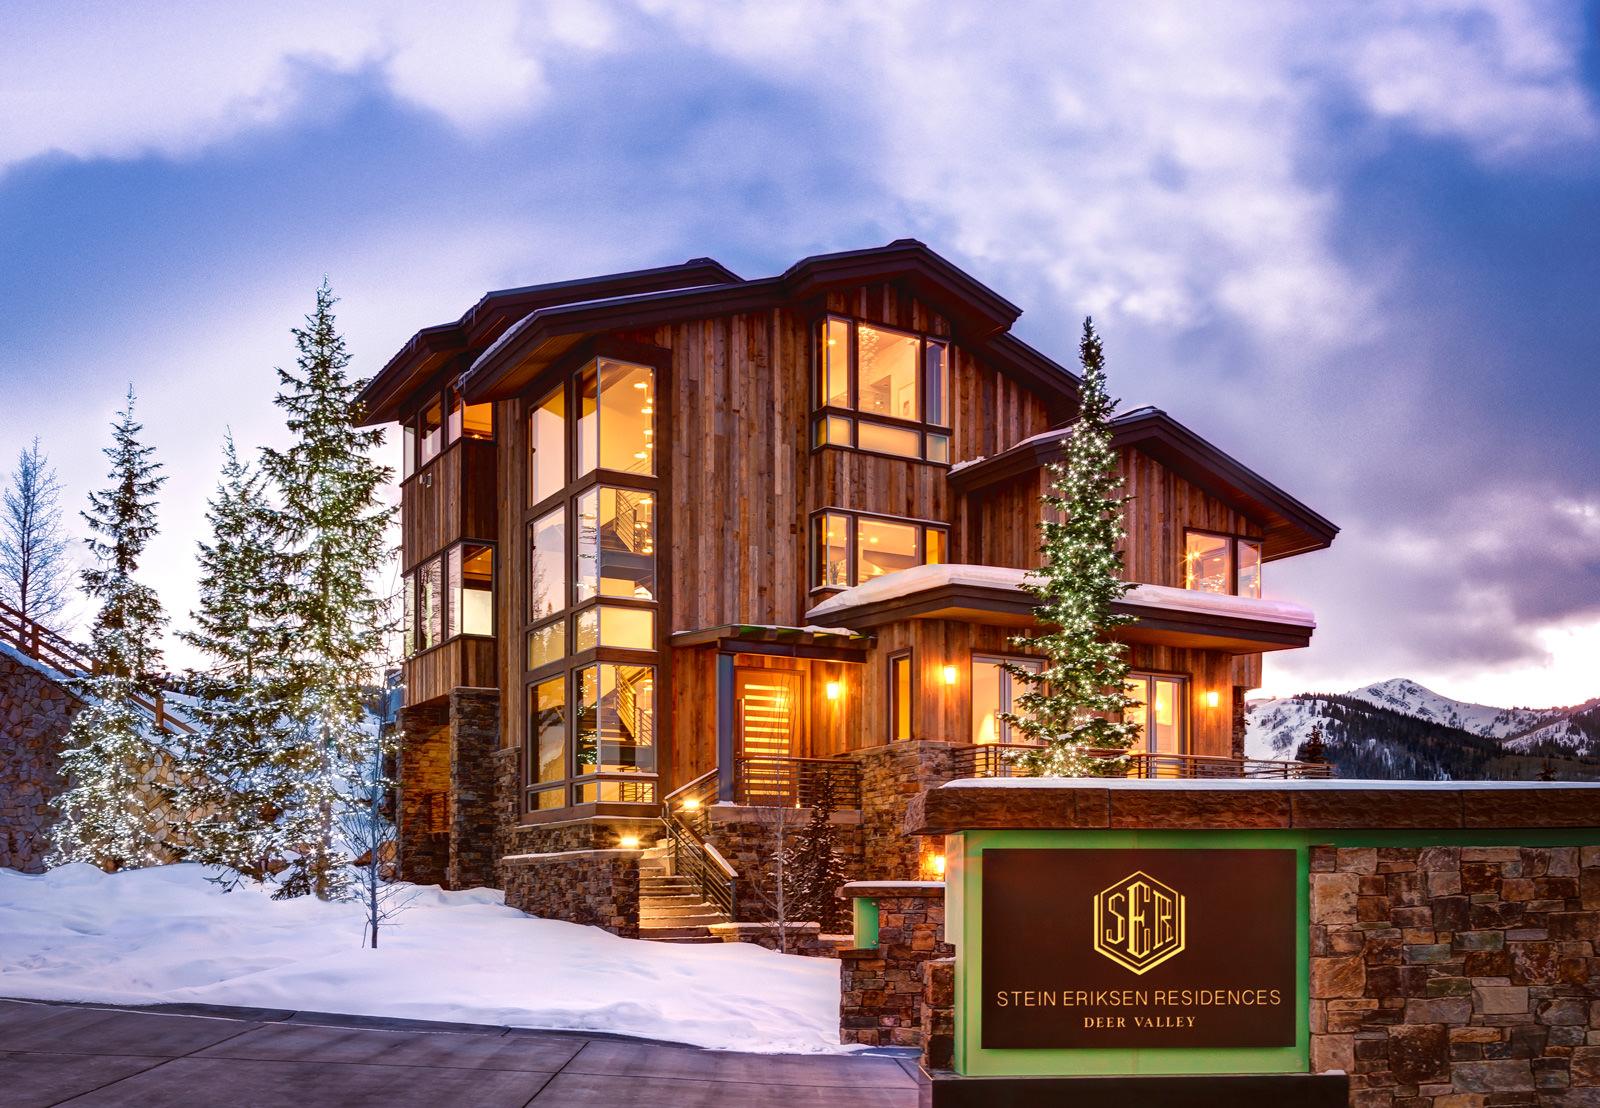 Stein Eriksen Residences - Deer Valley